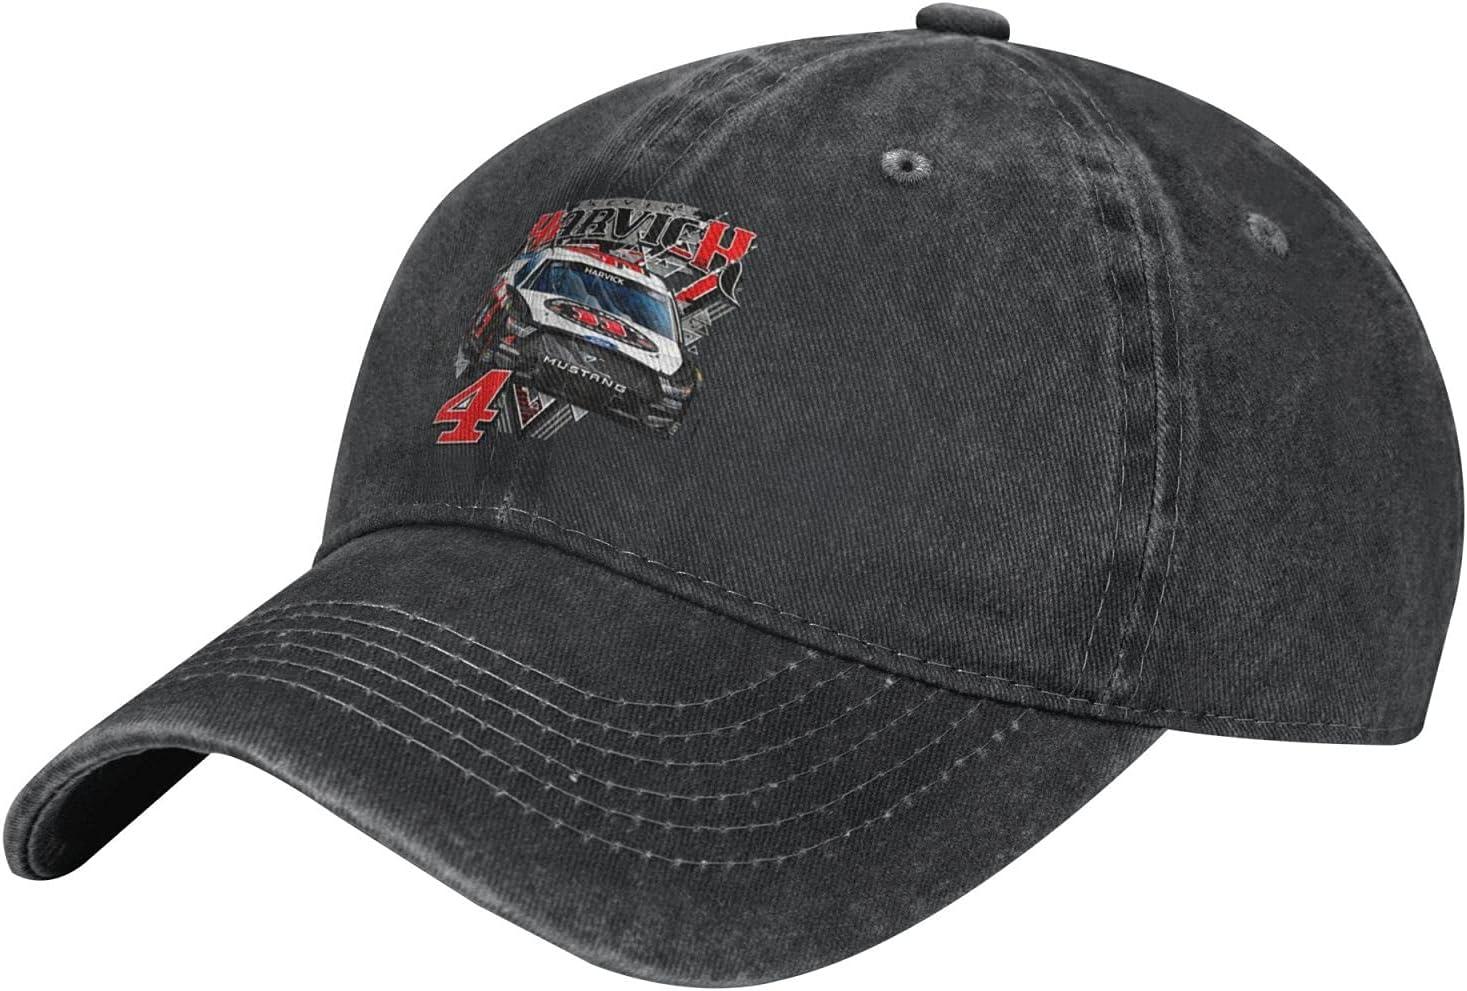 GAiNViEW Kevin Harvick Denim Cap Adjustable Plain Baseball Cowboy Hat Cotton Sunbonnet Plain Hat Black